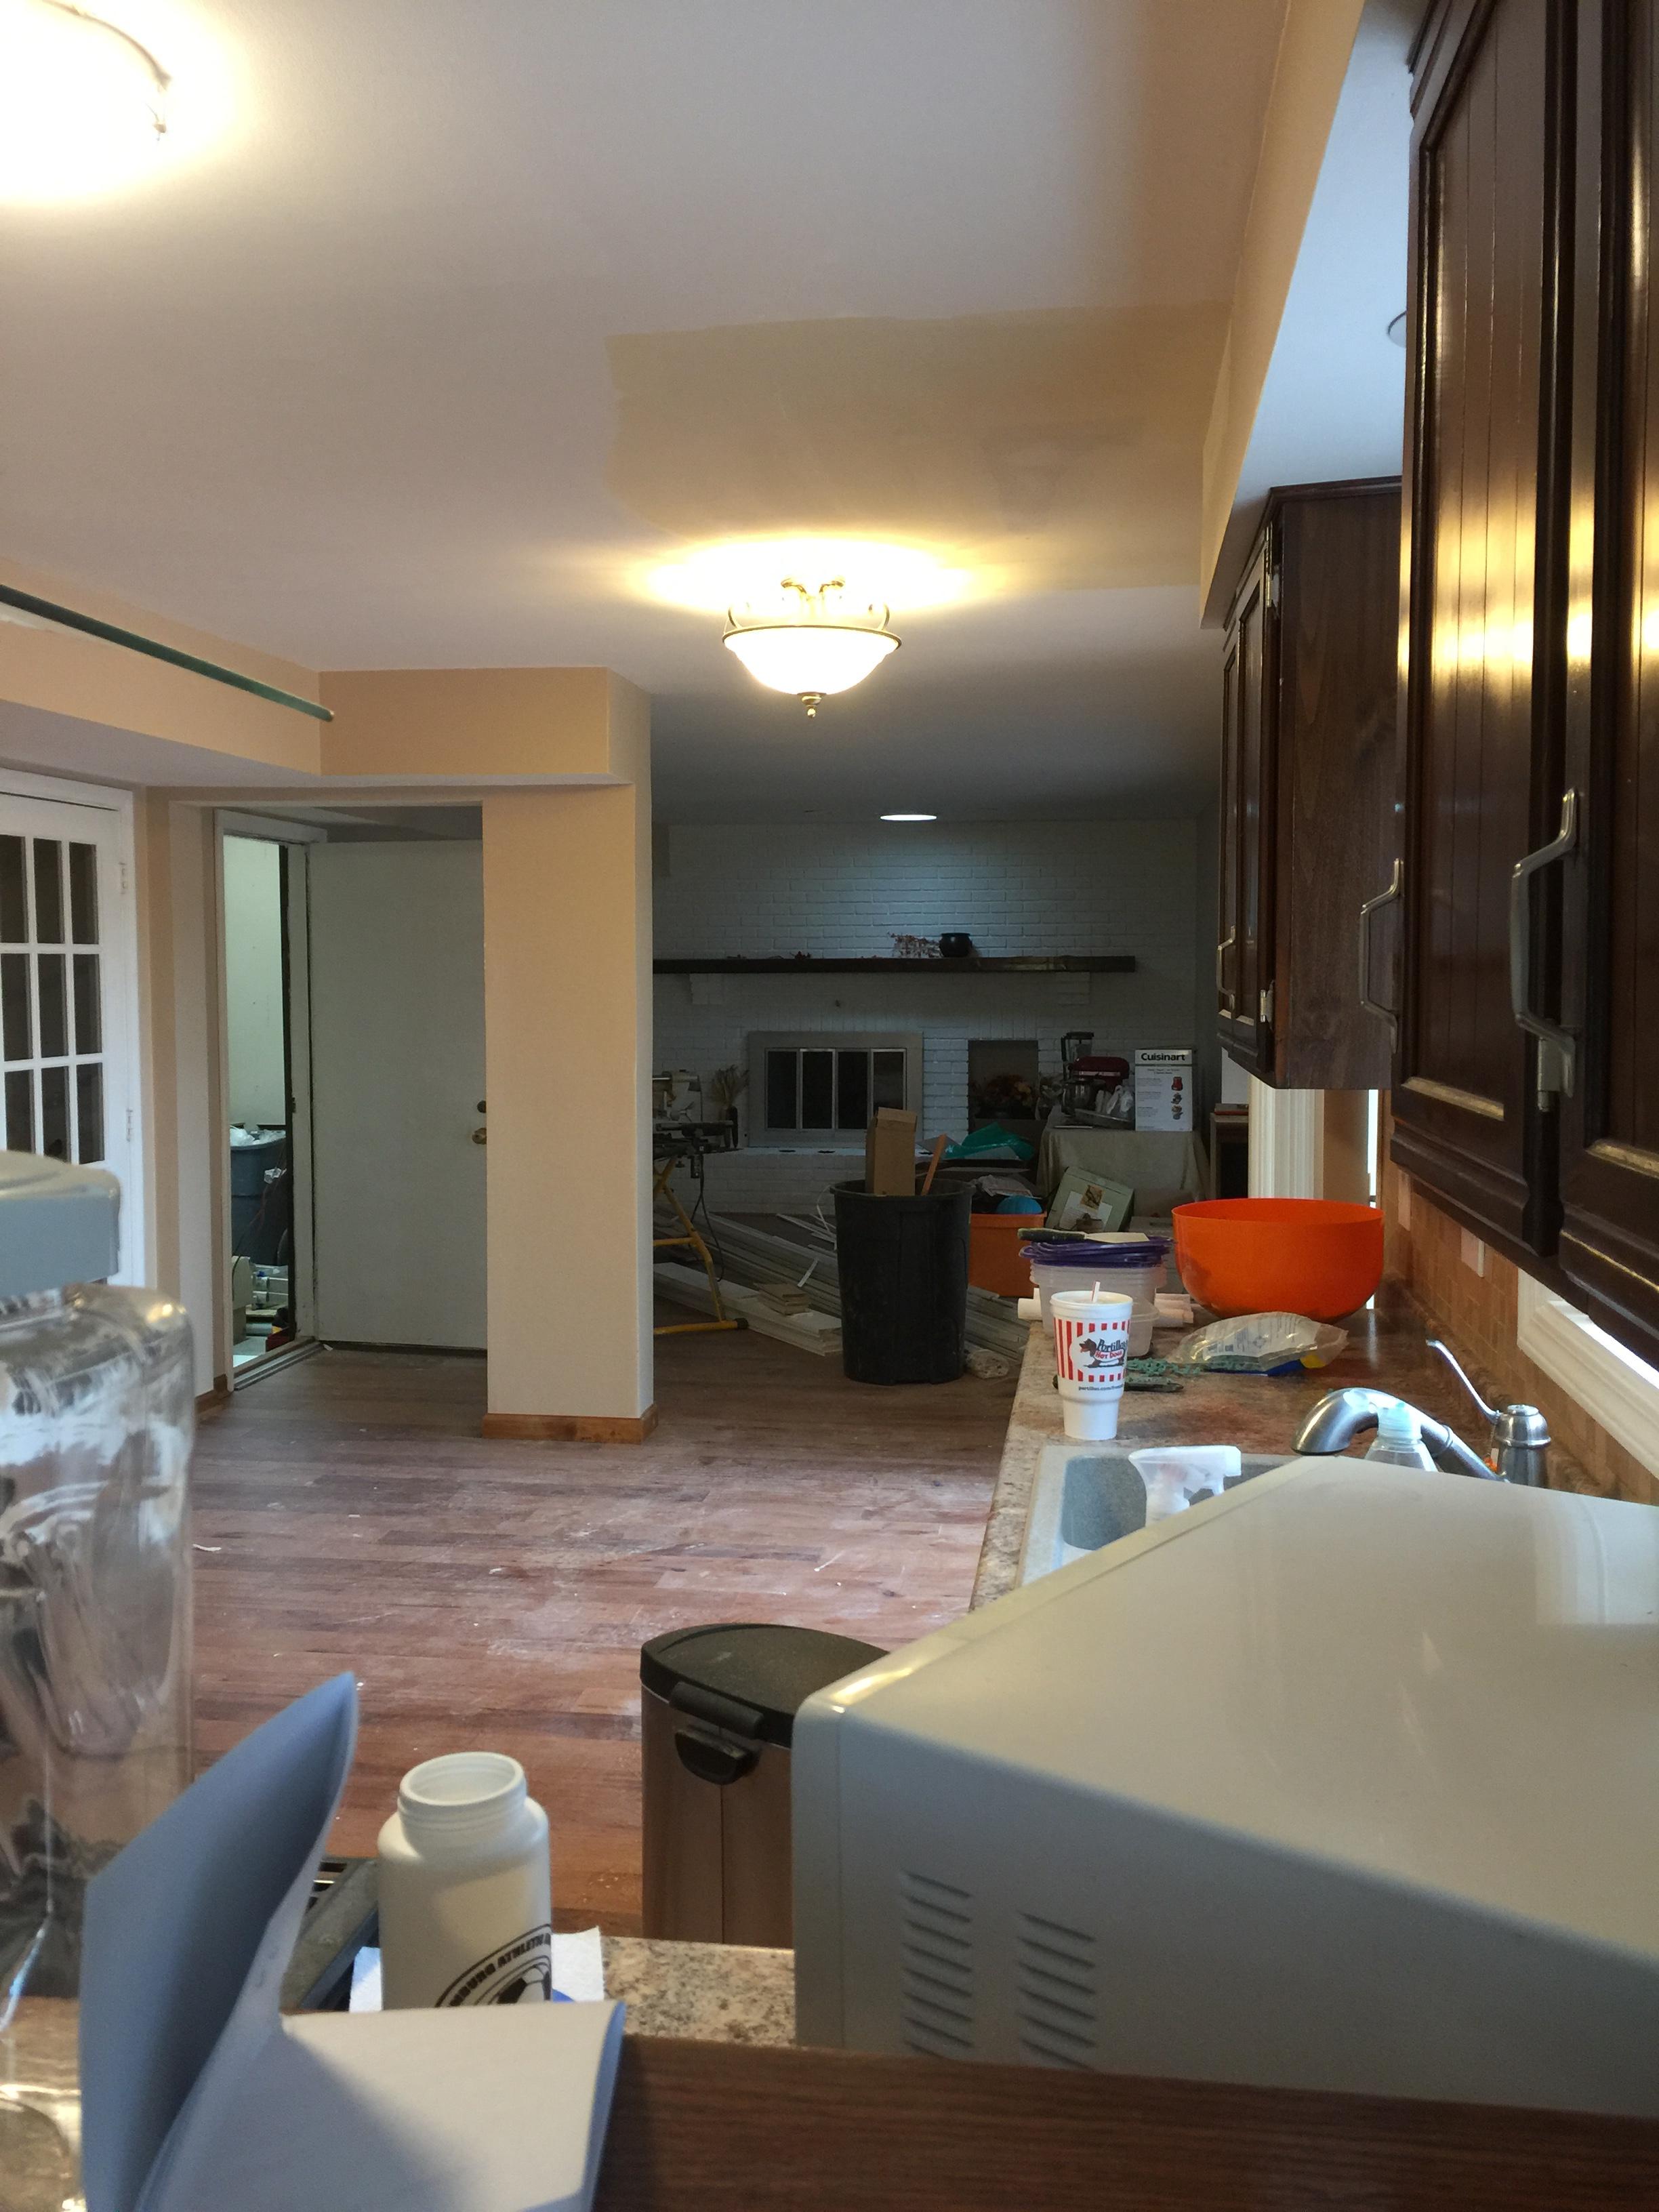 Kitchen a mess